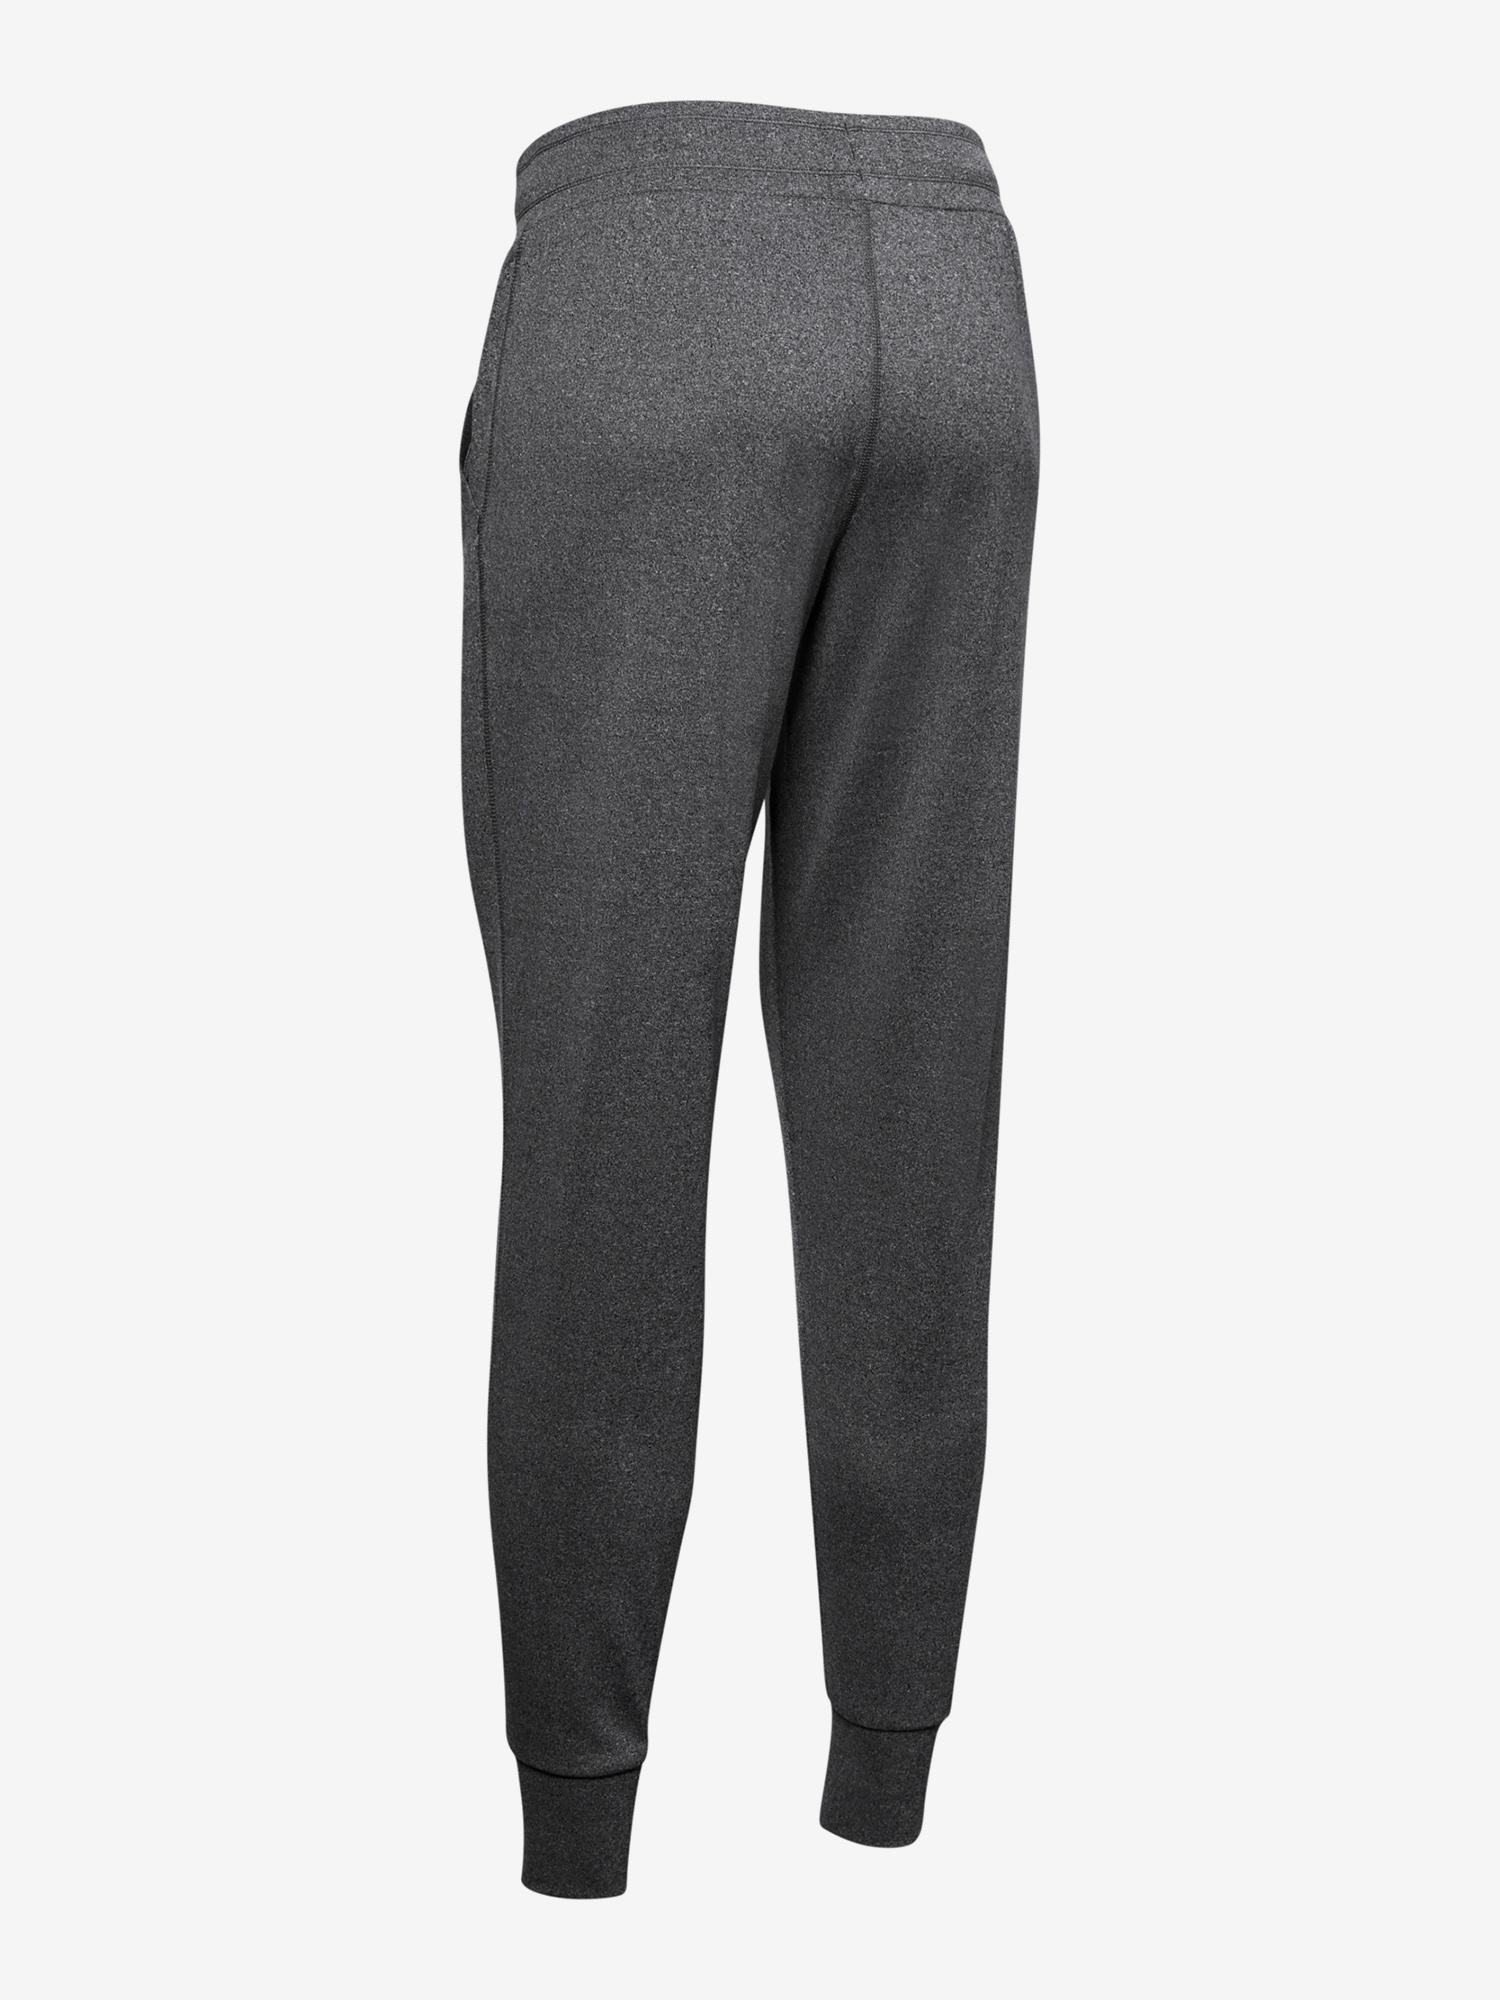 Pantaloni tehnici 2.0-BLK